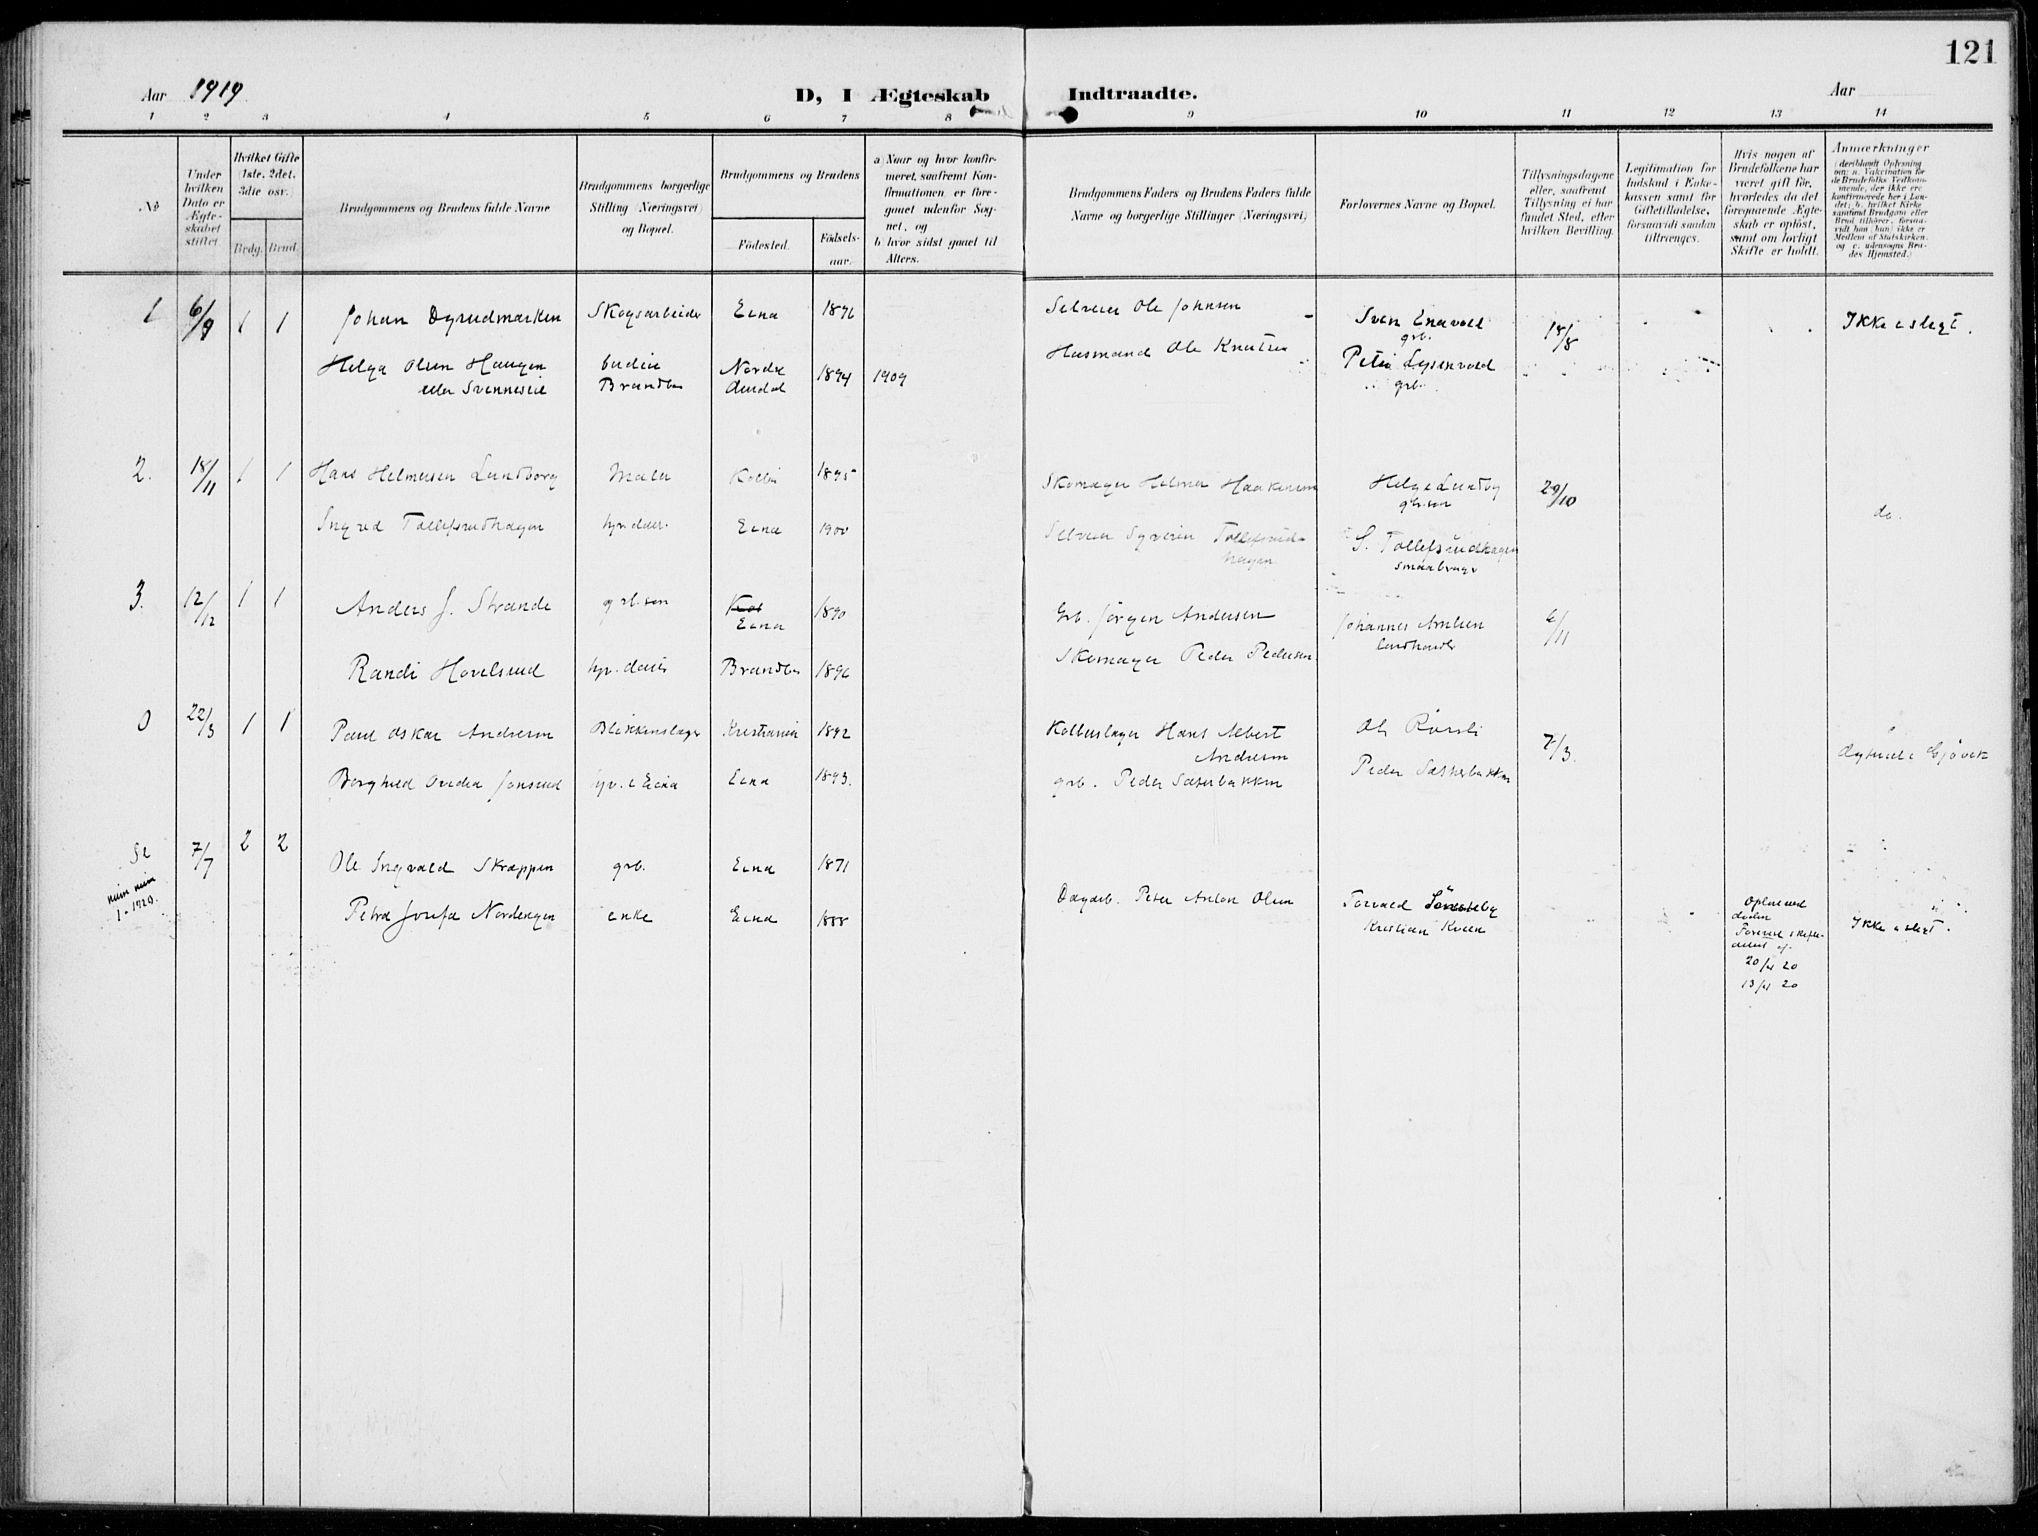 SAH, Kolbu prestekontor, Ministerialbok nr. 1, 1907-1923, s. 121